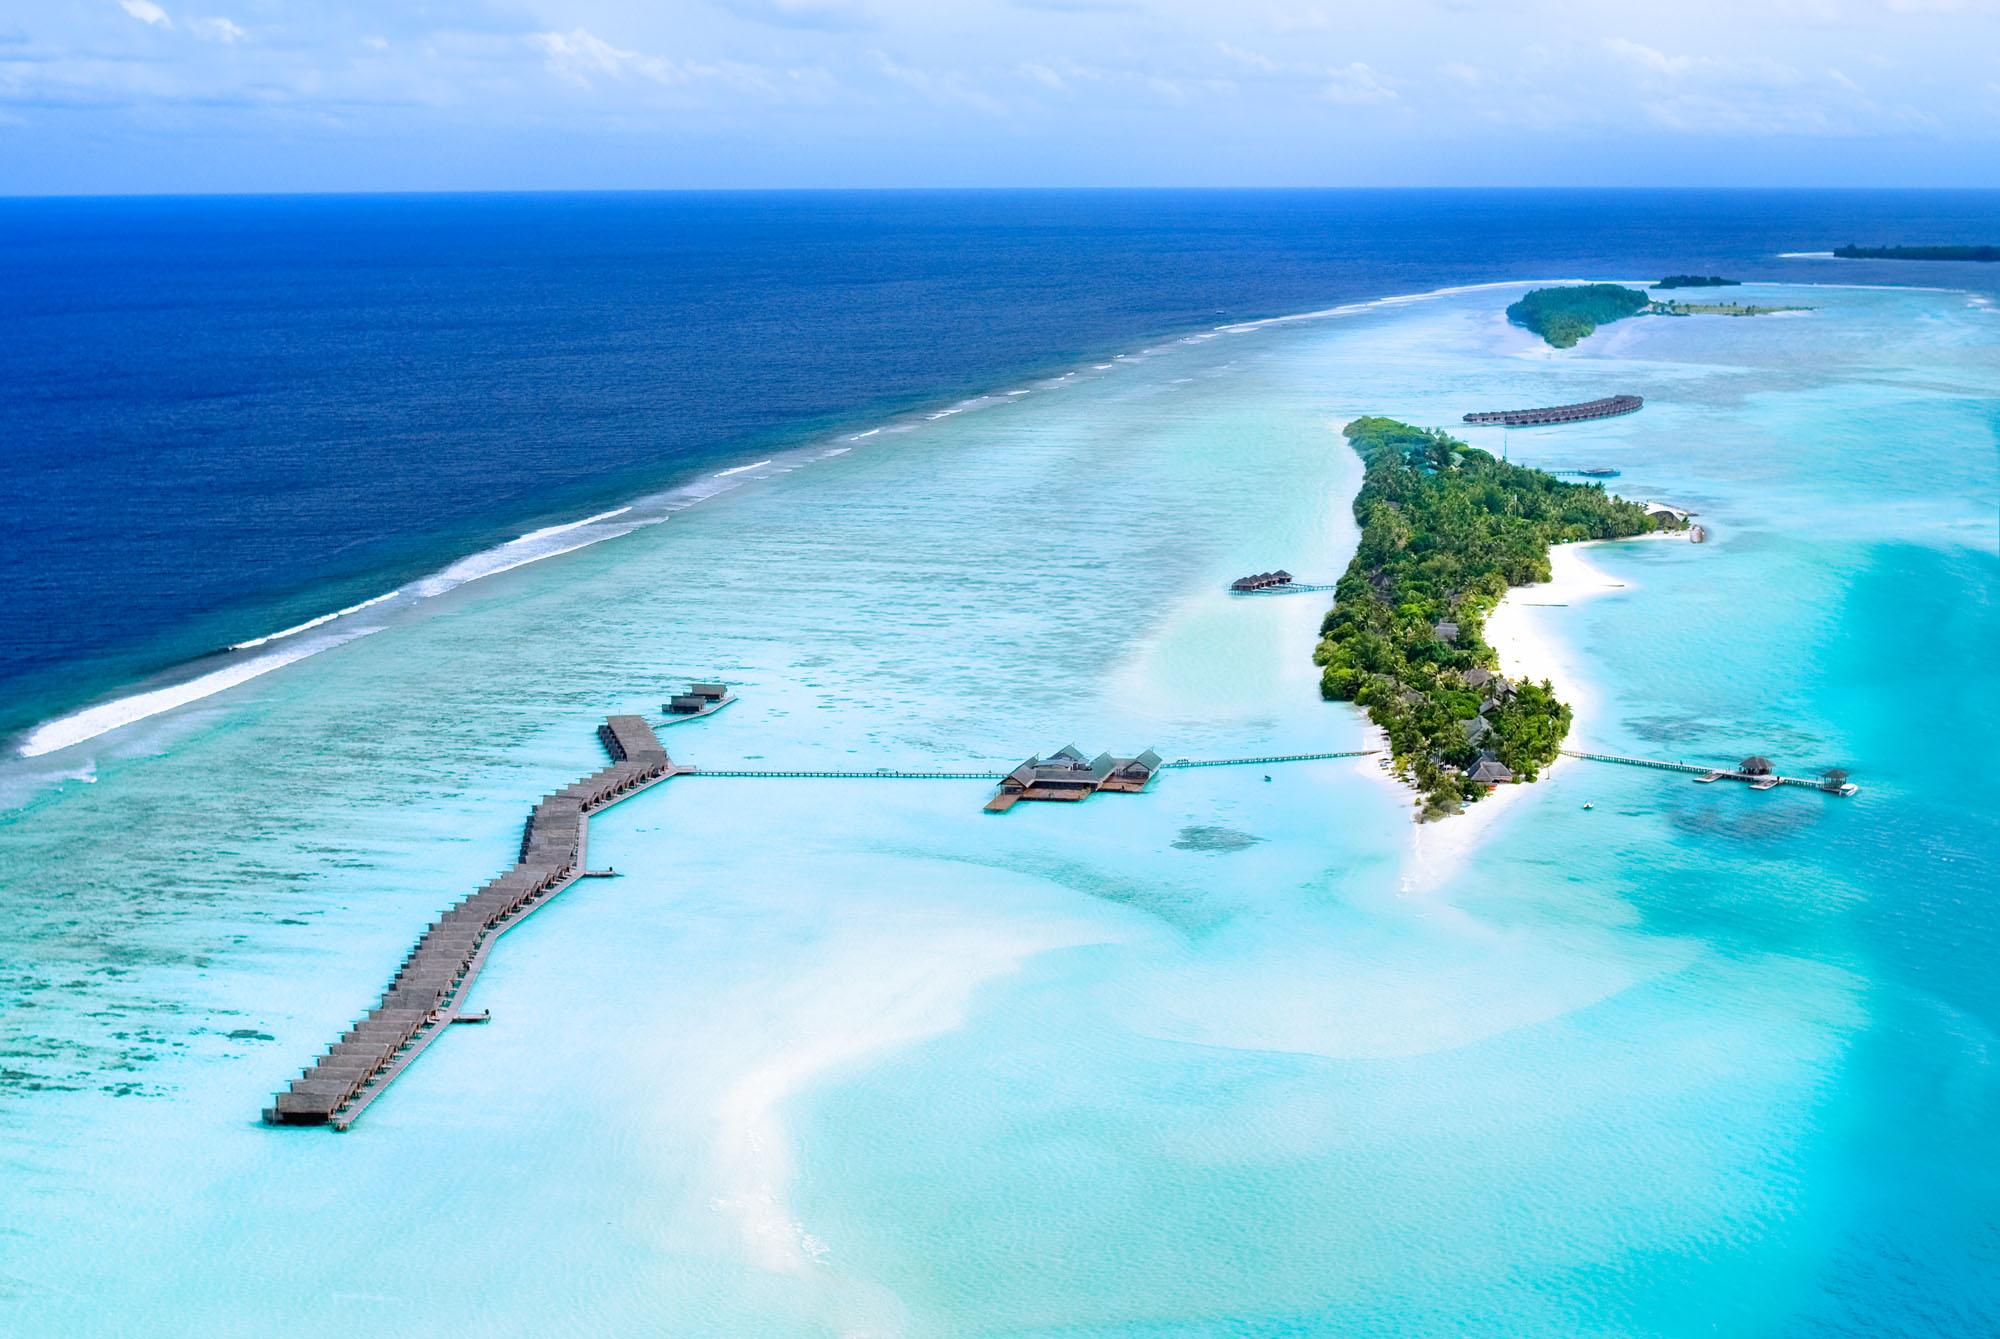 LUX-Maldives-01